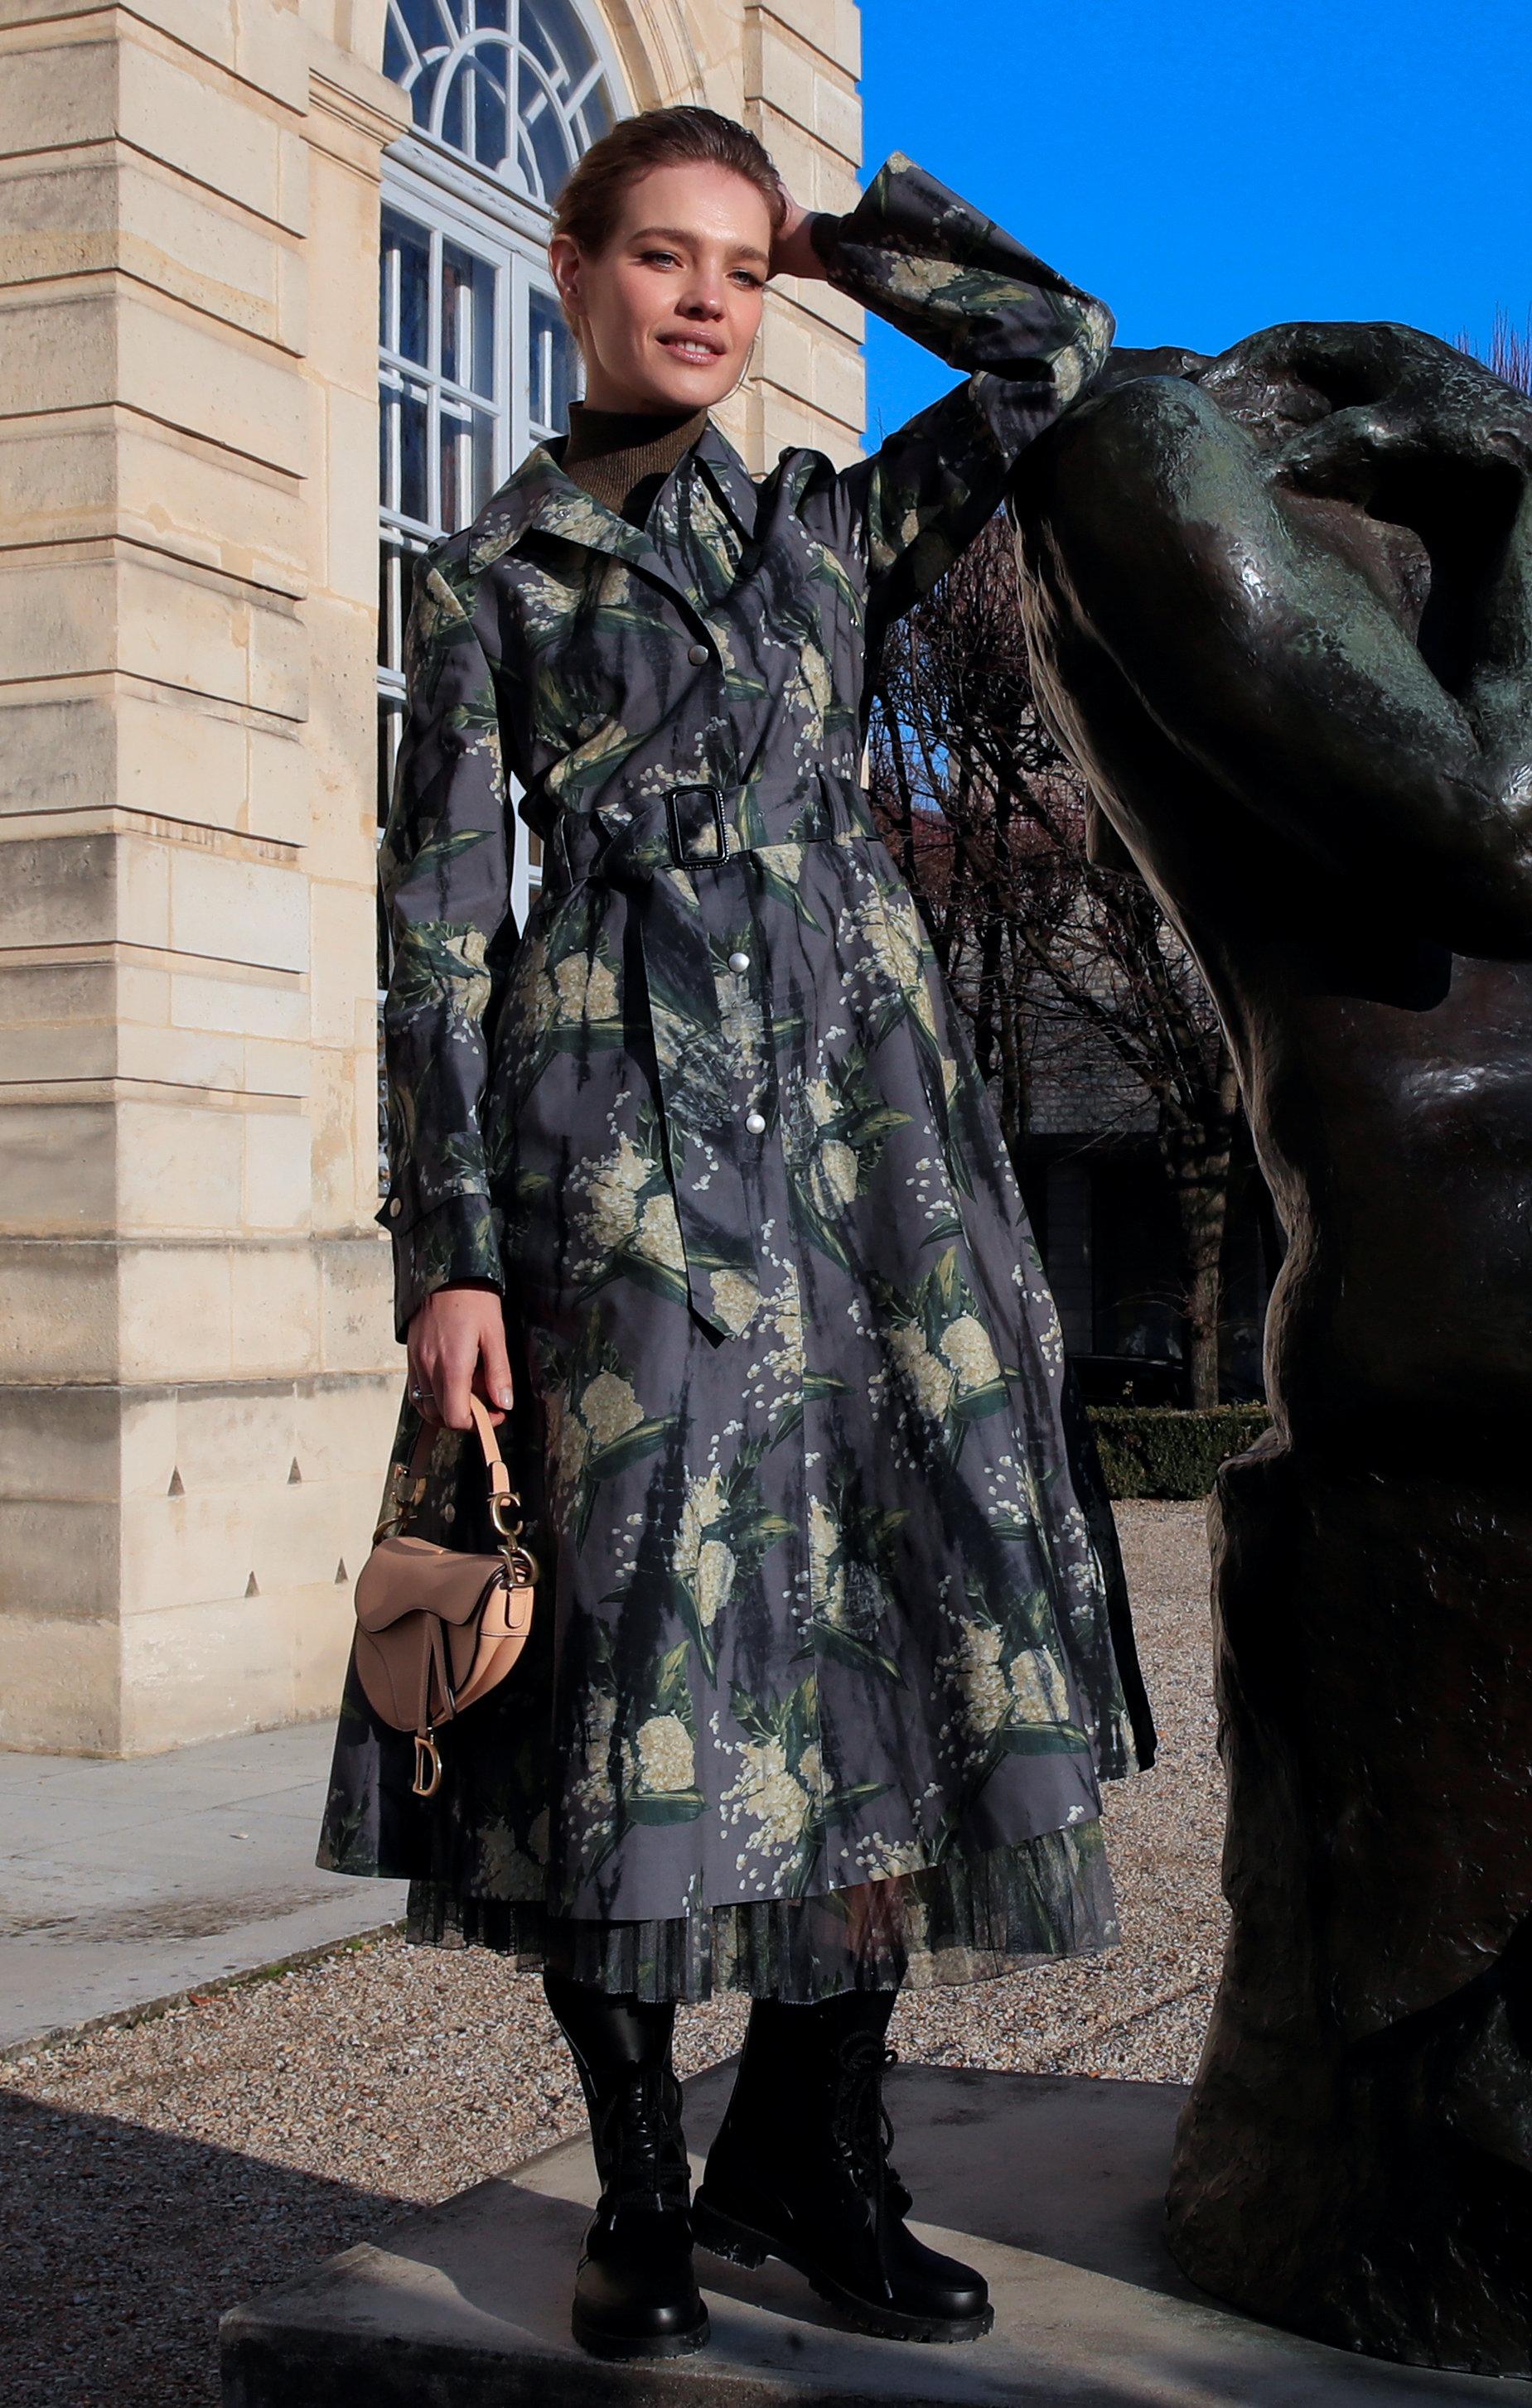 عرض أزياء ماكسيم سيمنز خلال أسبوع الموضة بباريس (9)